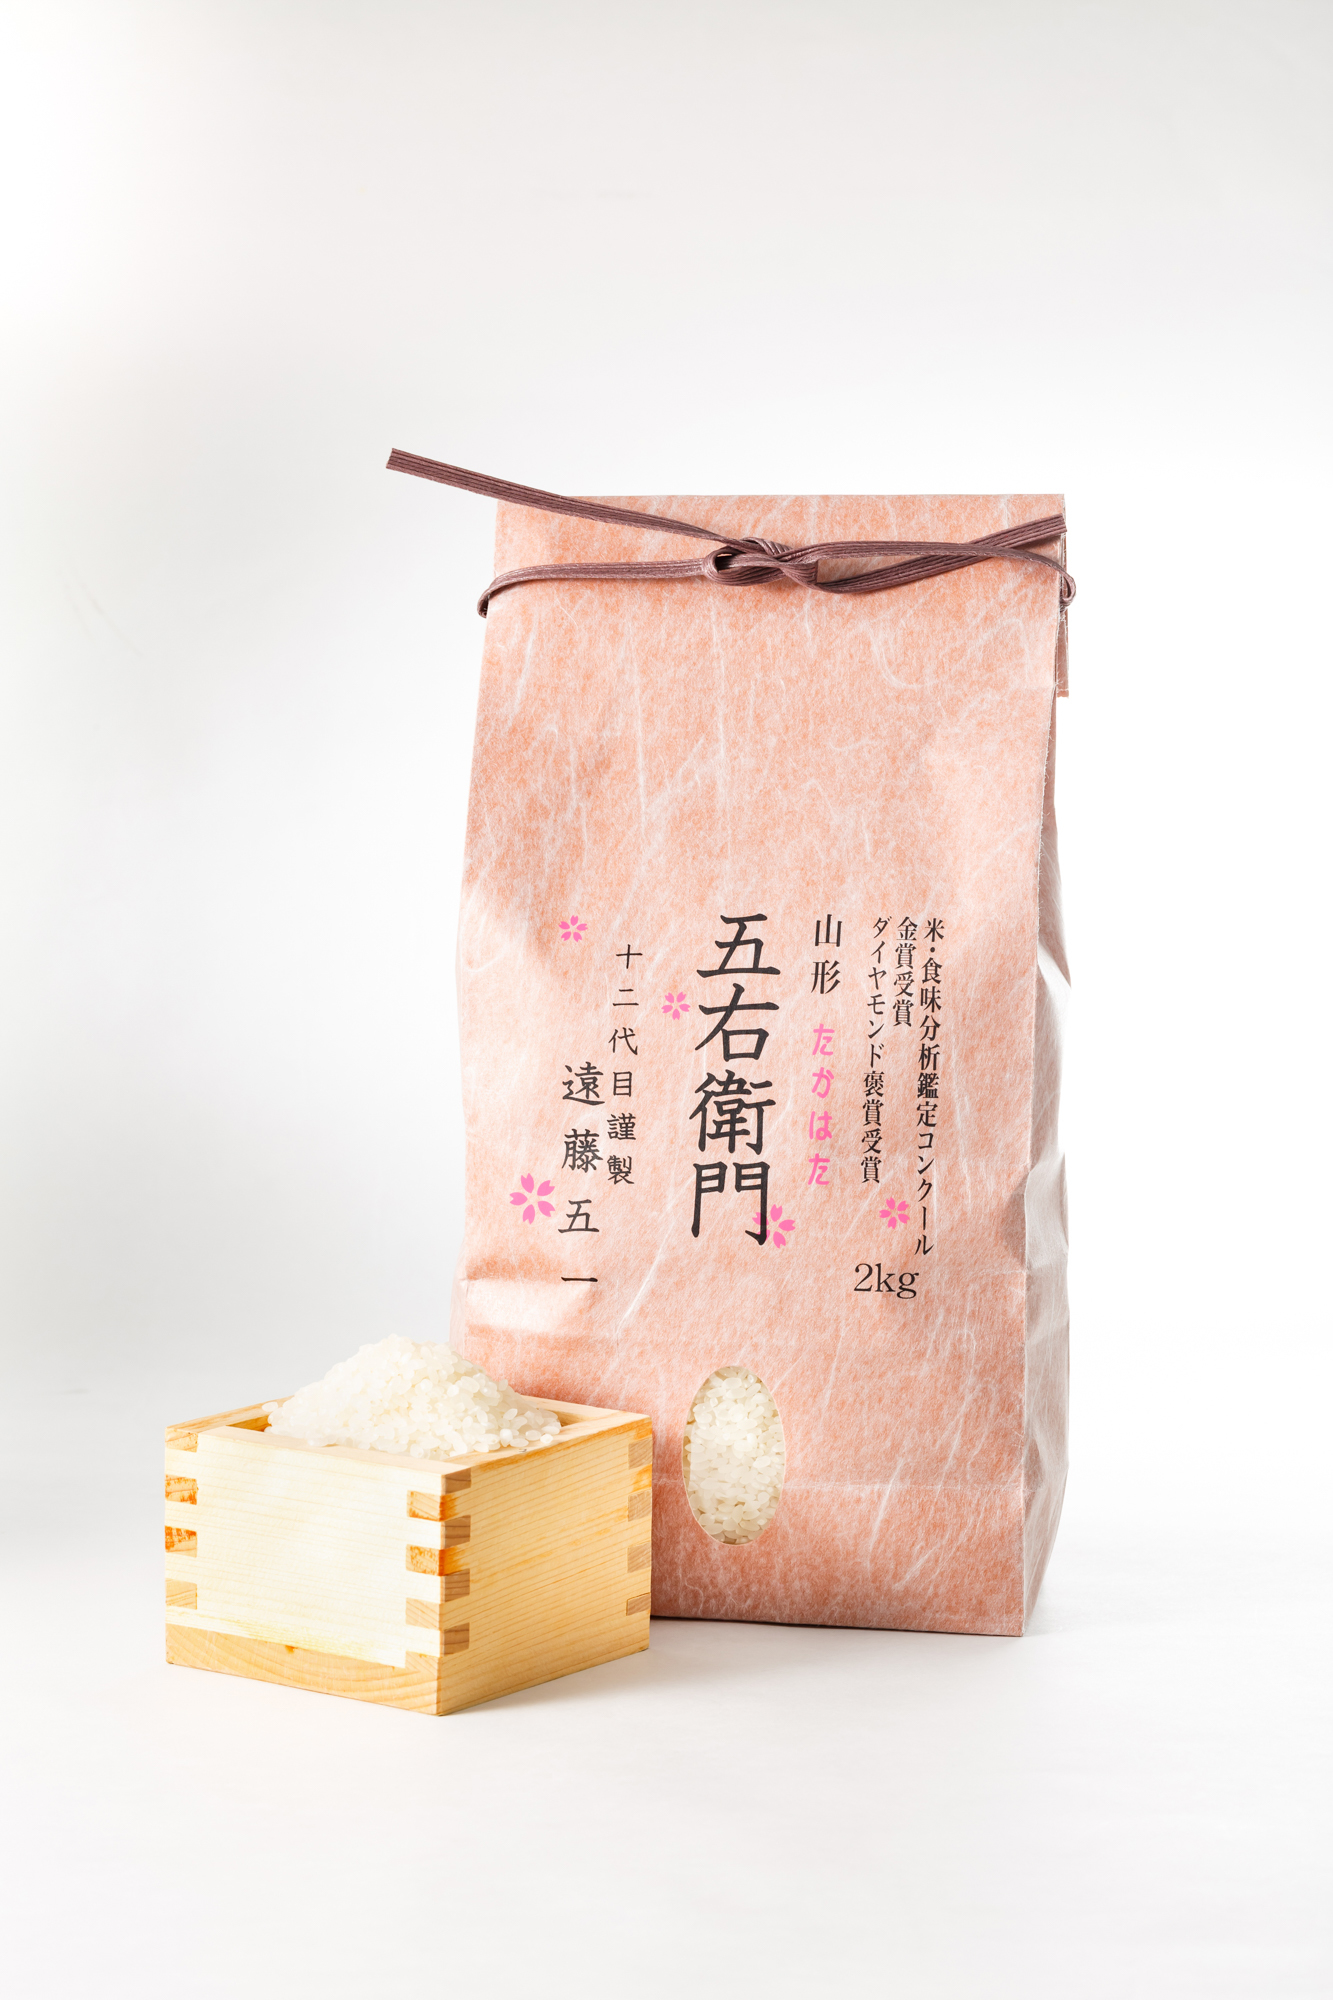 【つや姫】日本一の米を作る遠藤五一さん栽培 特別栽培米 2kg